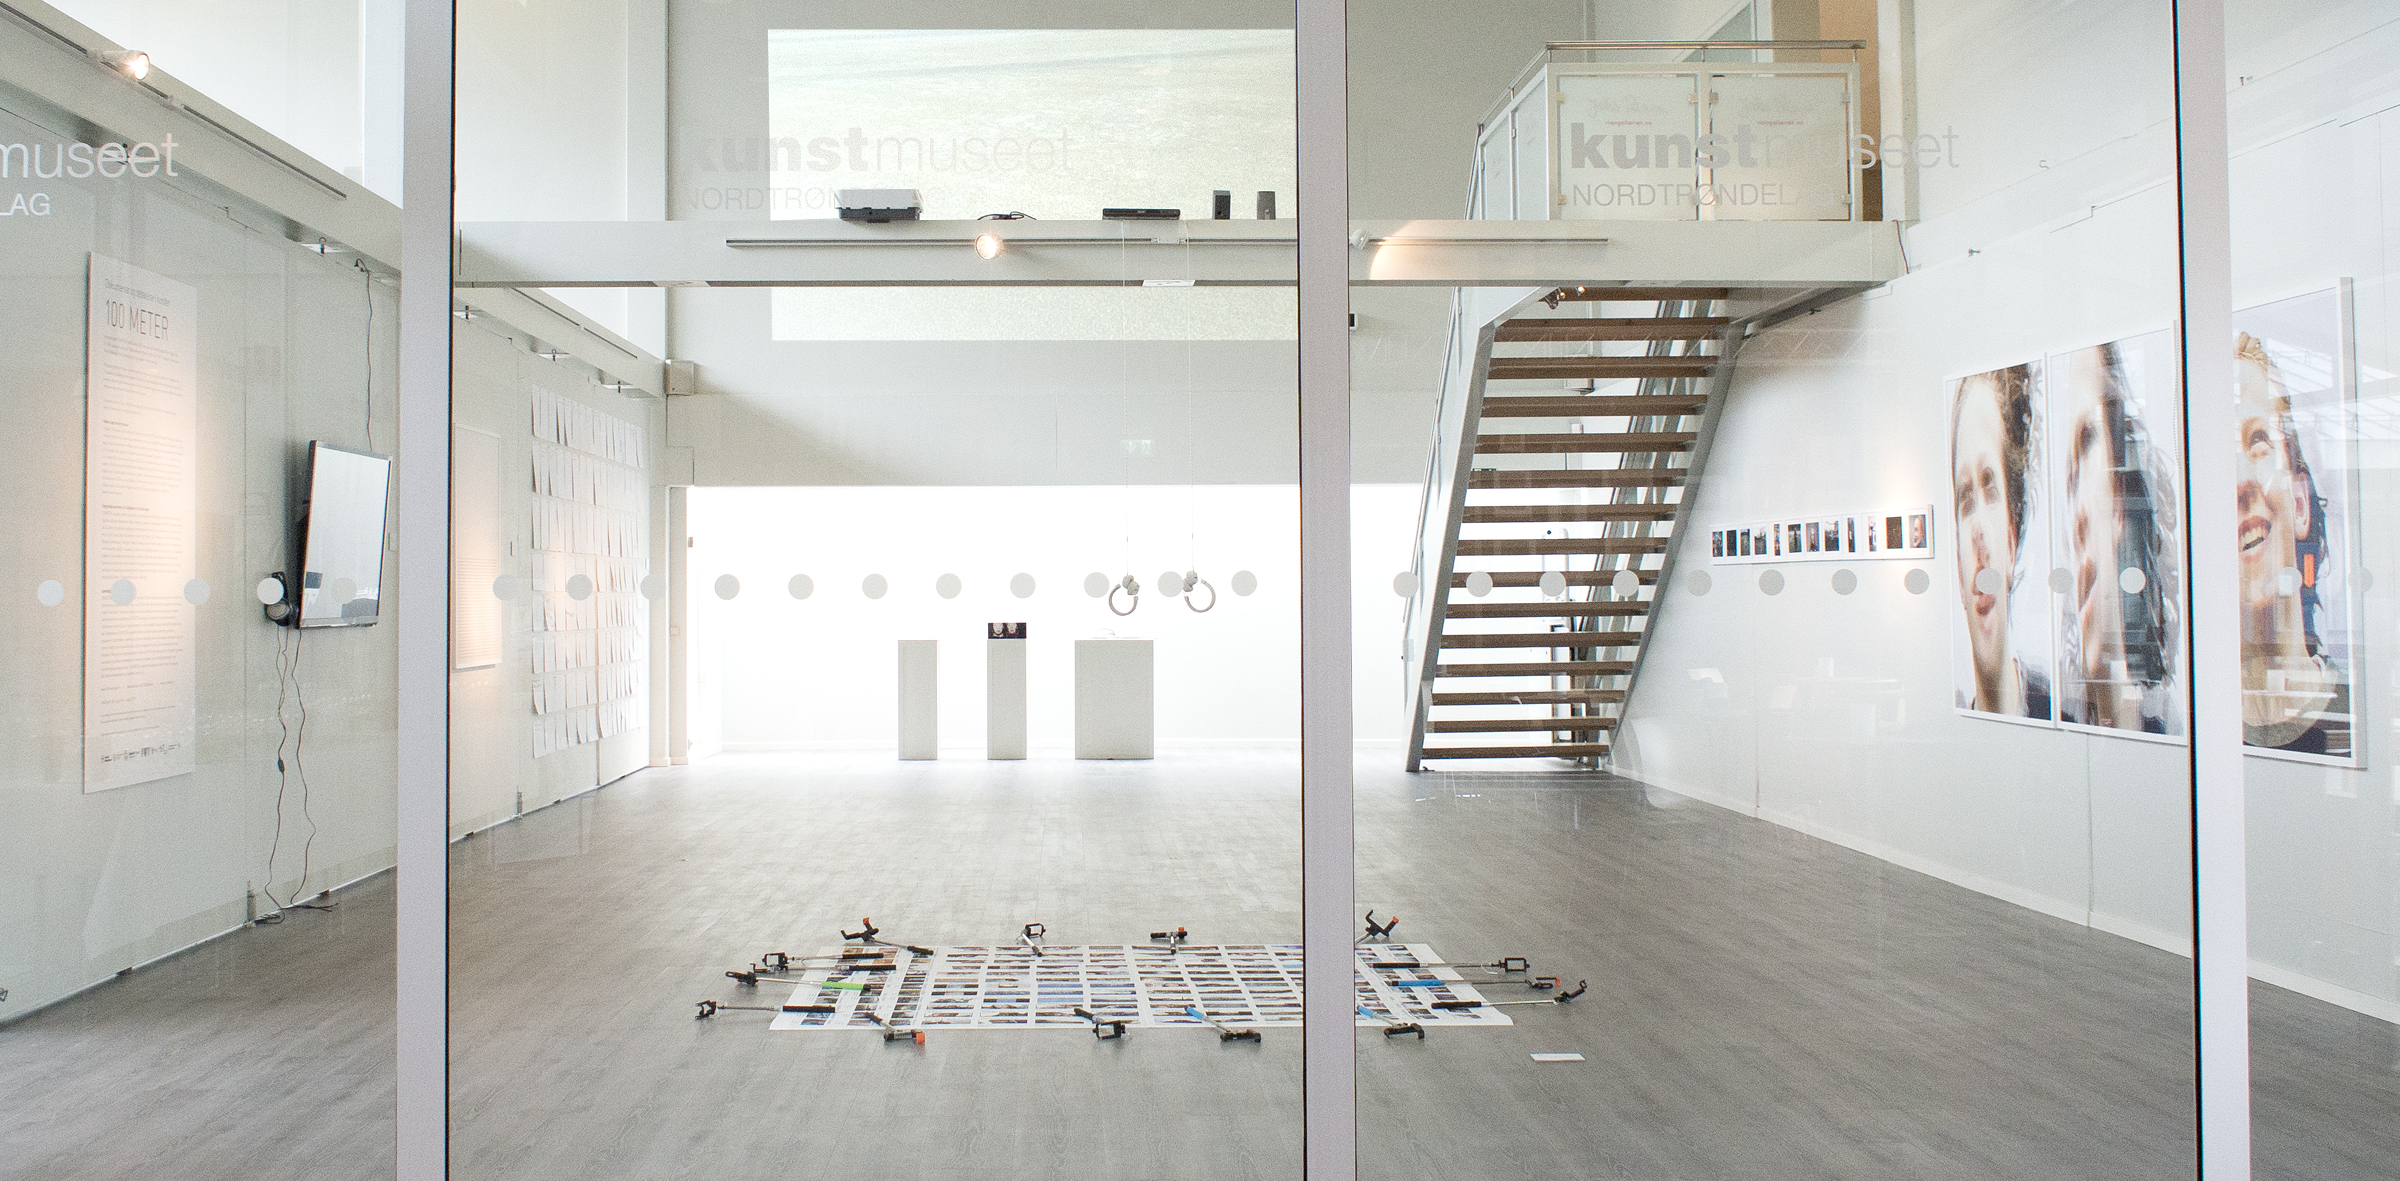 Fra utstillingen av 100-meter prosjektet